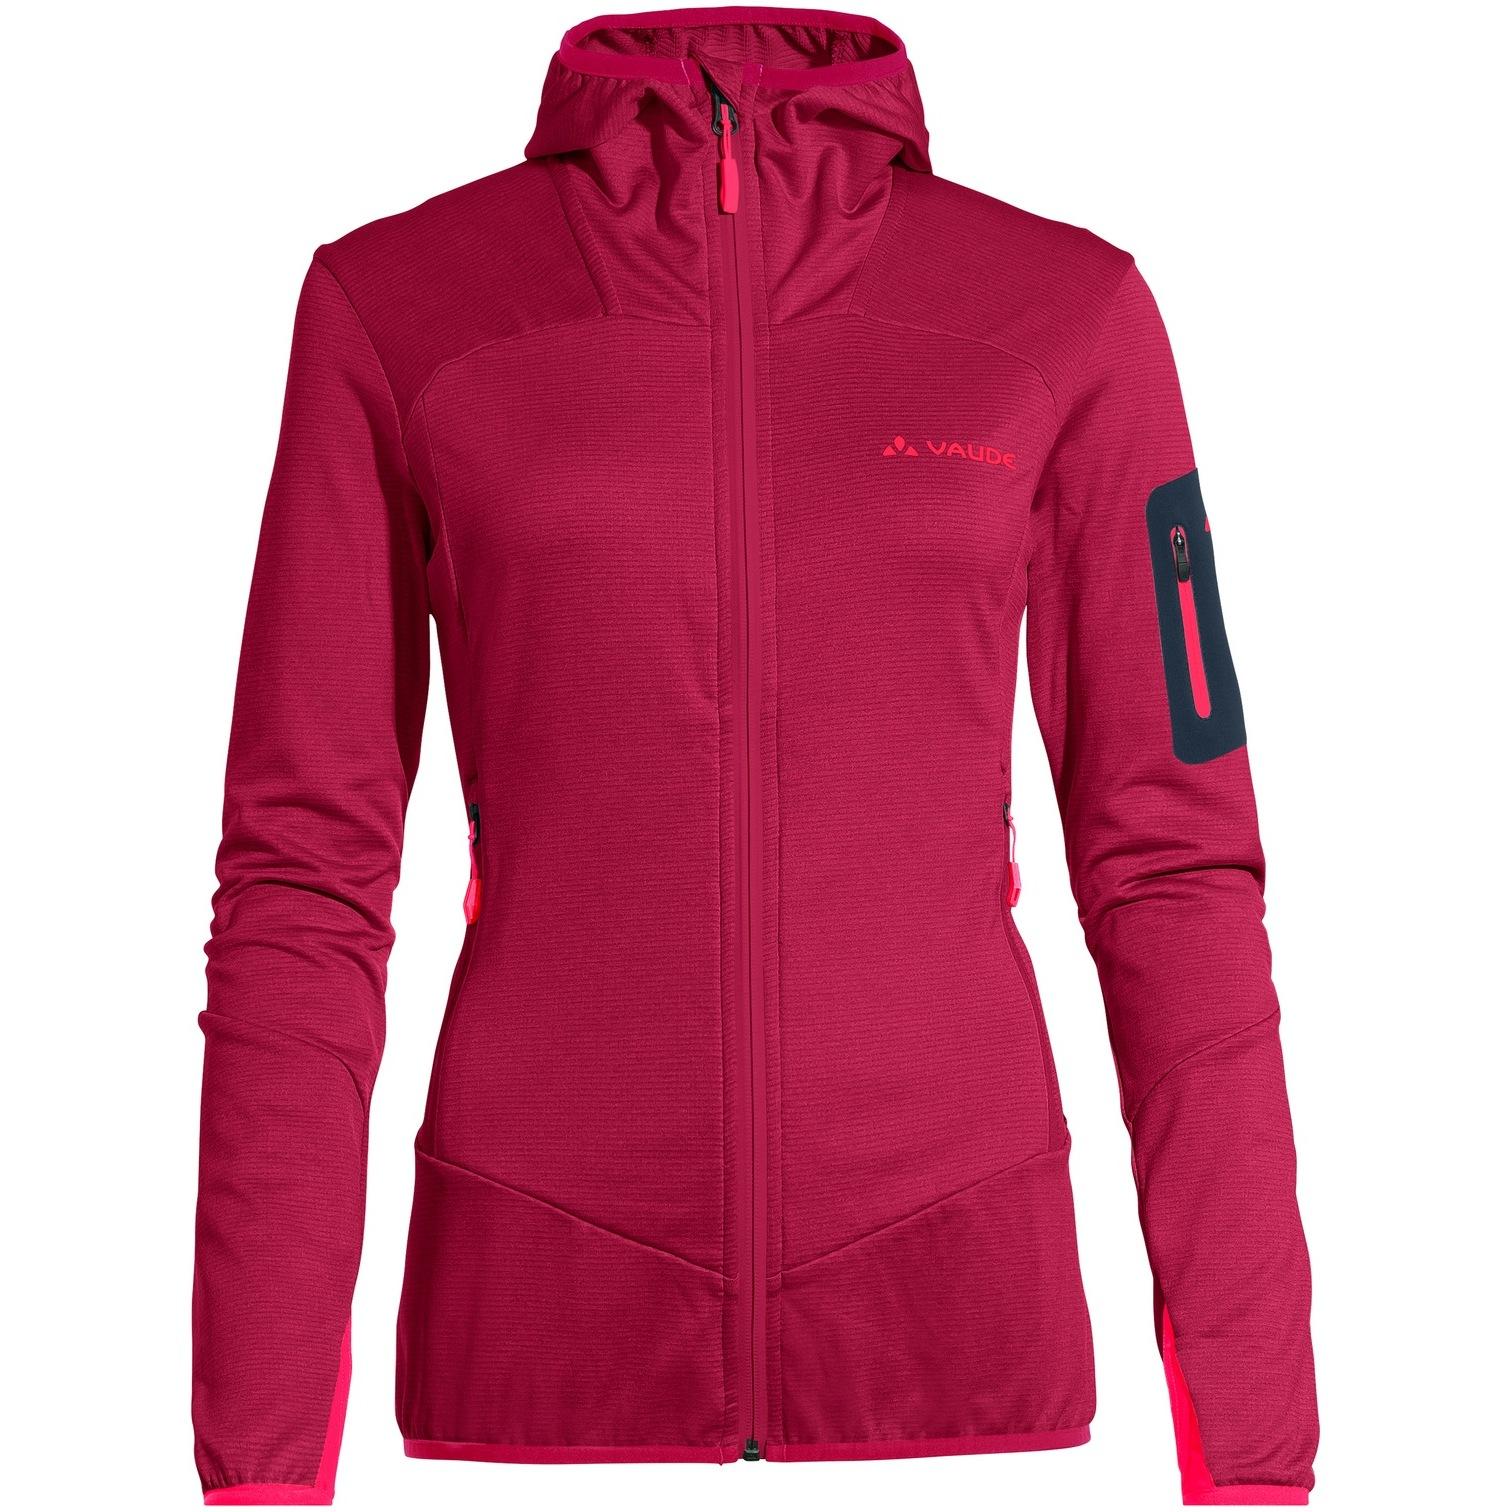 Vaude Women's Monviso Fleece Jacket - crimson red